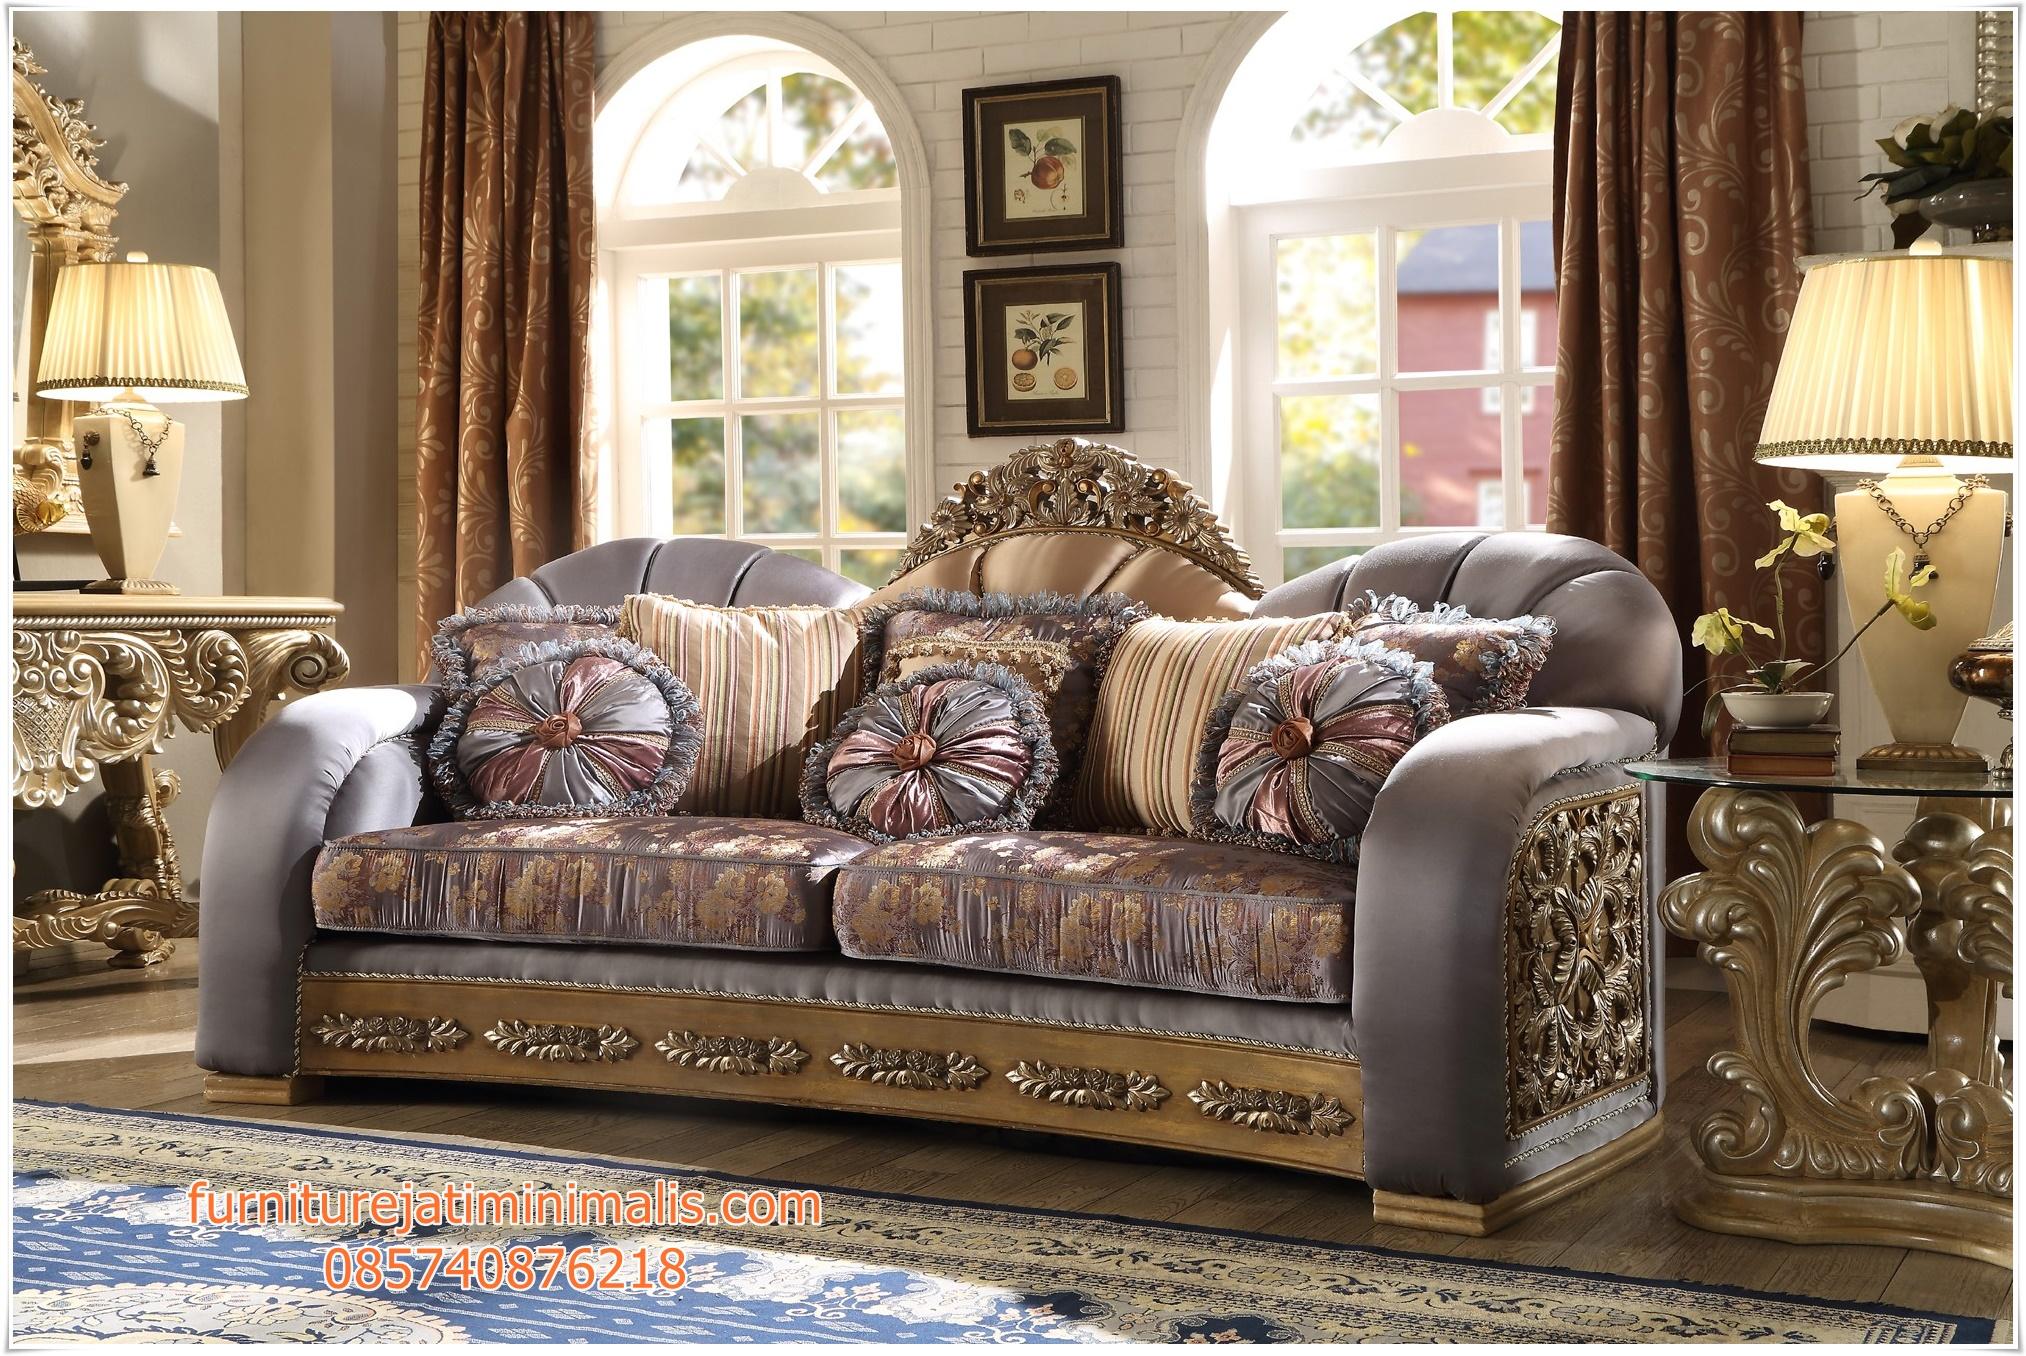 sofa mewah ruang tamu klasik, model sofa ruang tamu mewah, sofa mewah untuk ruang tamu, sofa tamu mewah, sofa tamu mewah klasik, sofa ruang tamu mewah klasik, desain sofa ruang tamu mewah klasik, sofa klasik mewah, jual sofa mewah ruang tamu, jual sofa tamu mewah